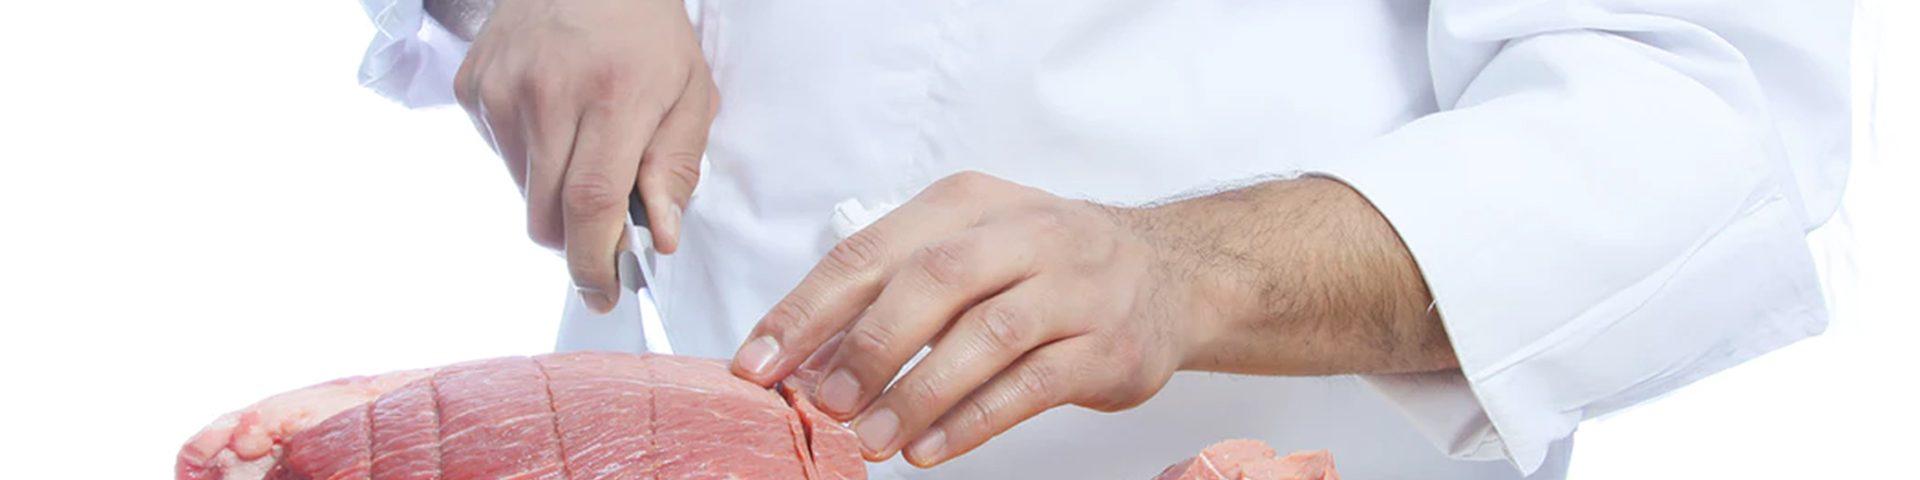 Peligros de comer carne mal cocida que no te dejarán dormir en la noche